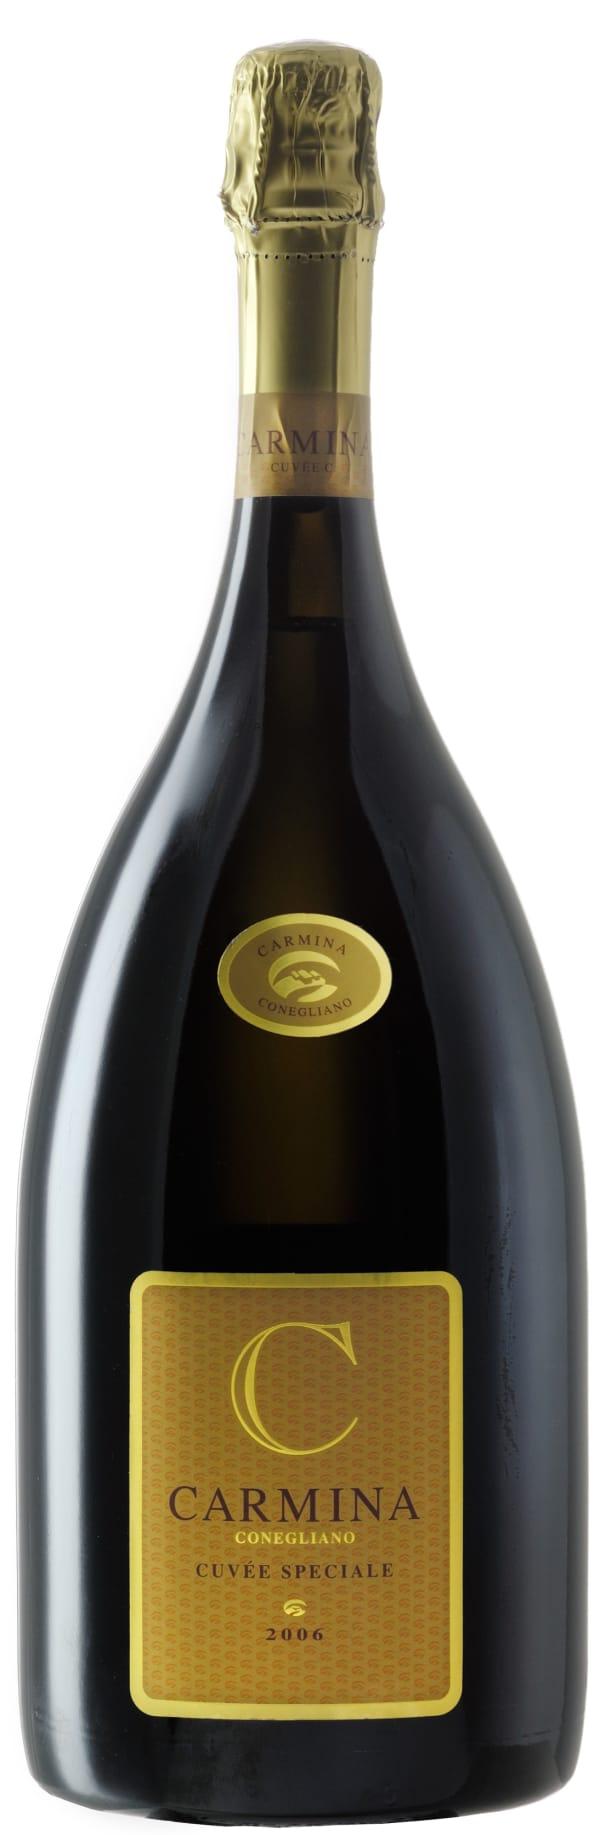 Carmina Conegliano C Cuvée Speciale Prosecco Extra Dry 2015